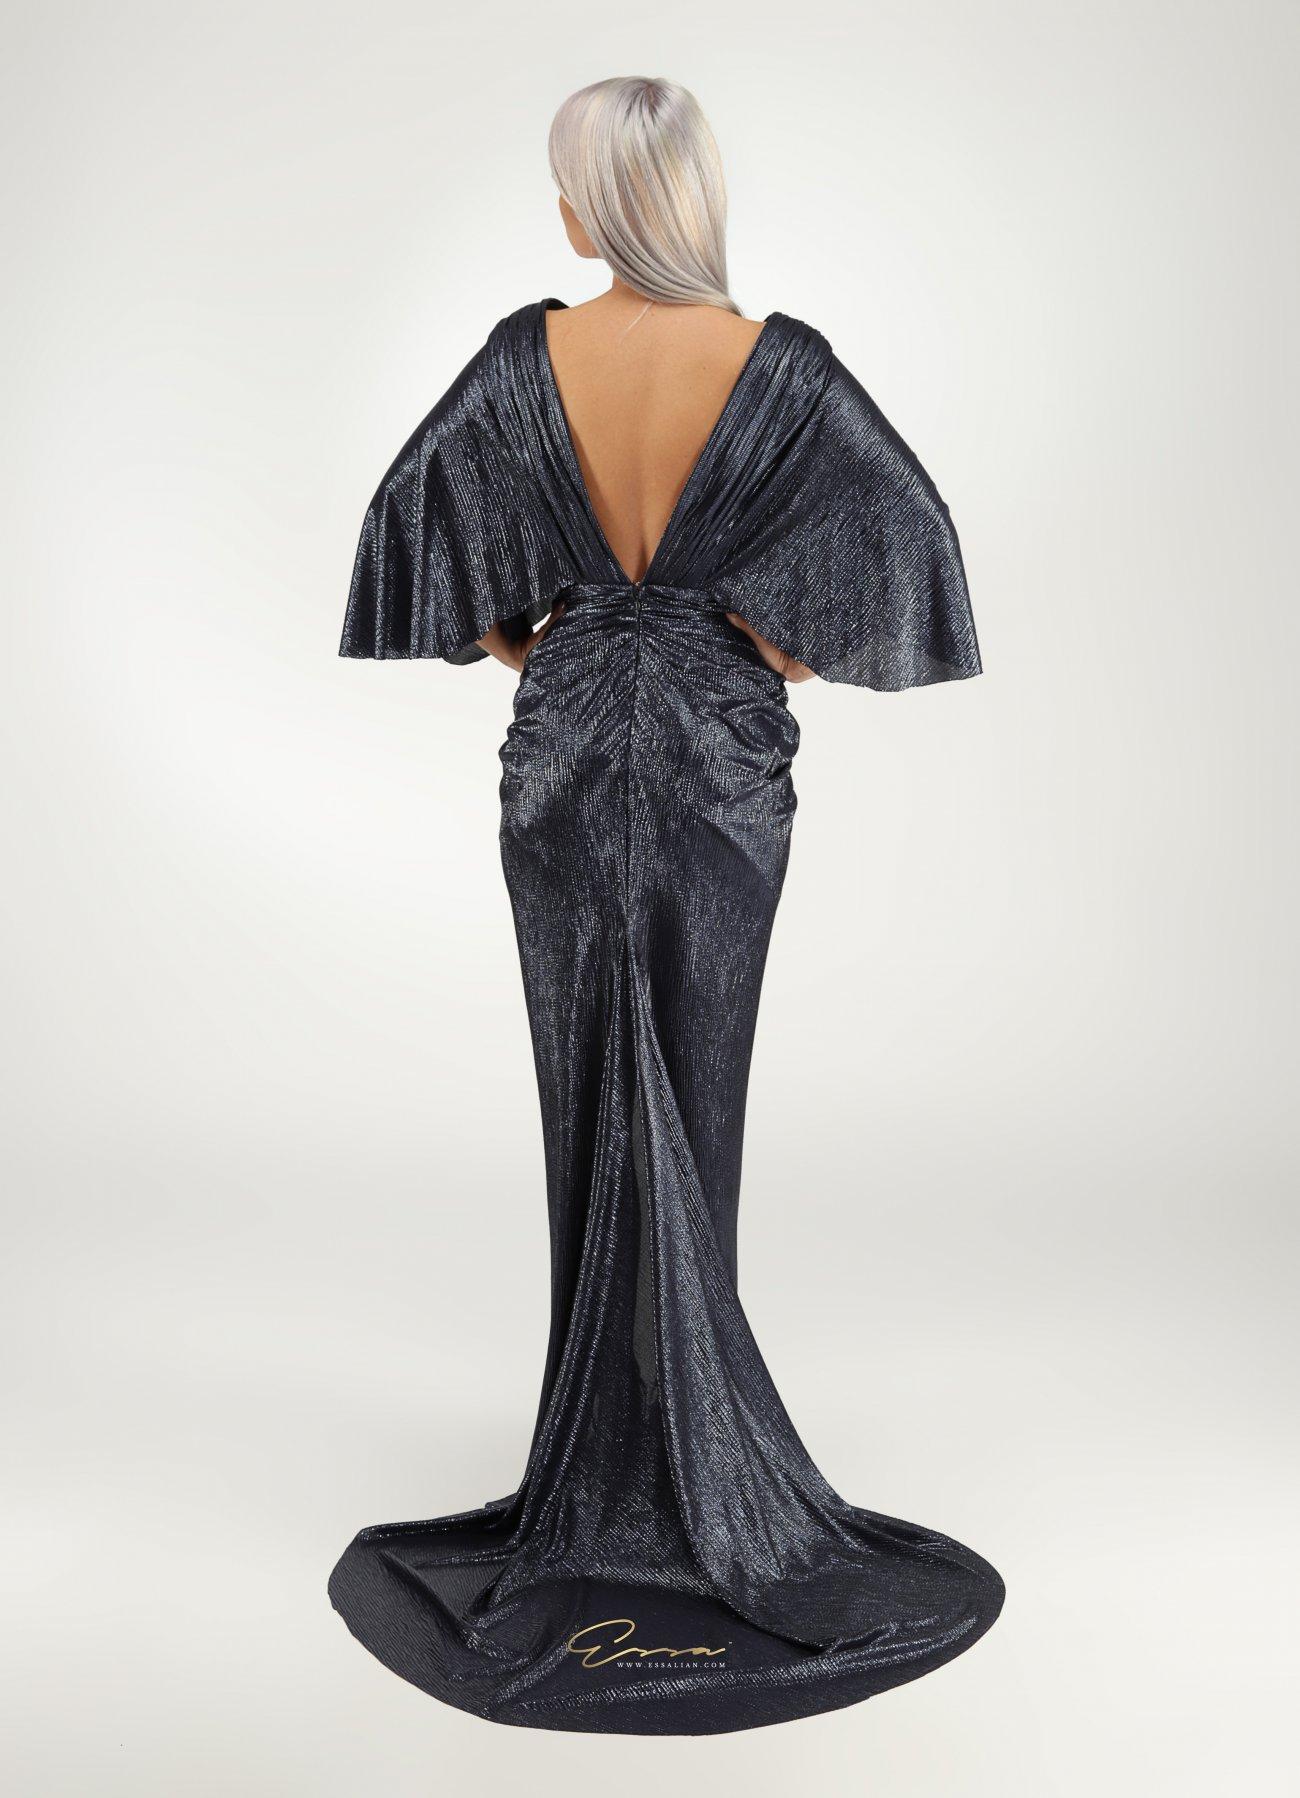 (P) Cum să te simți divin purtând ținuta perfectă pentru tine, creată de Essa Lian